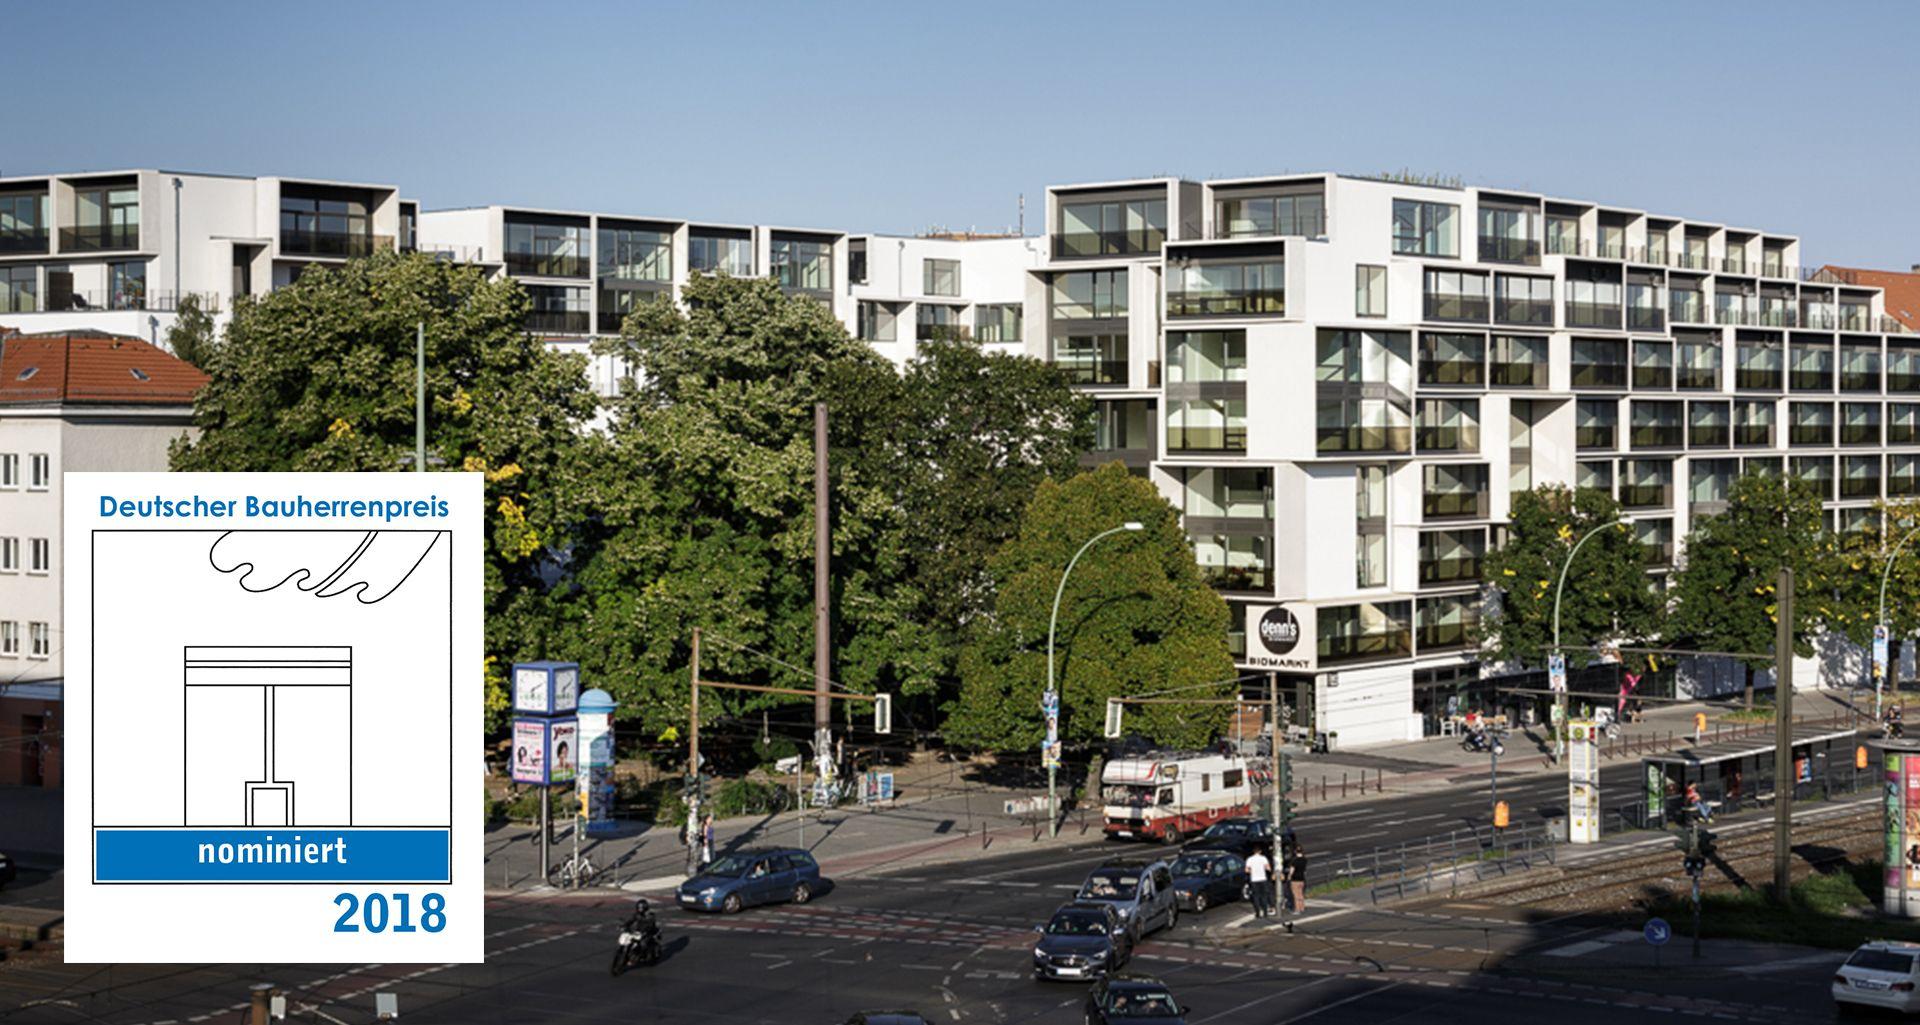 Paragon Deutscher Bauherrenpreis